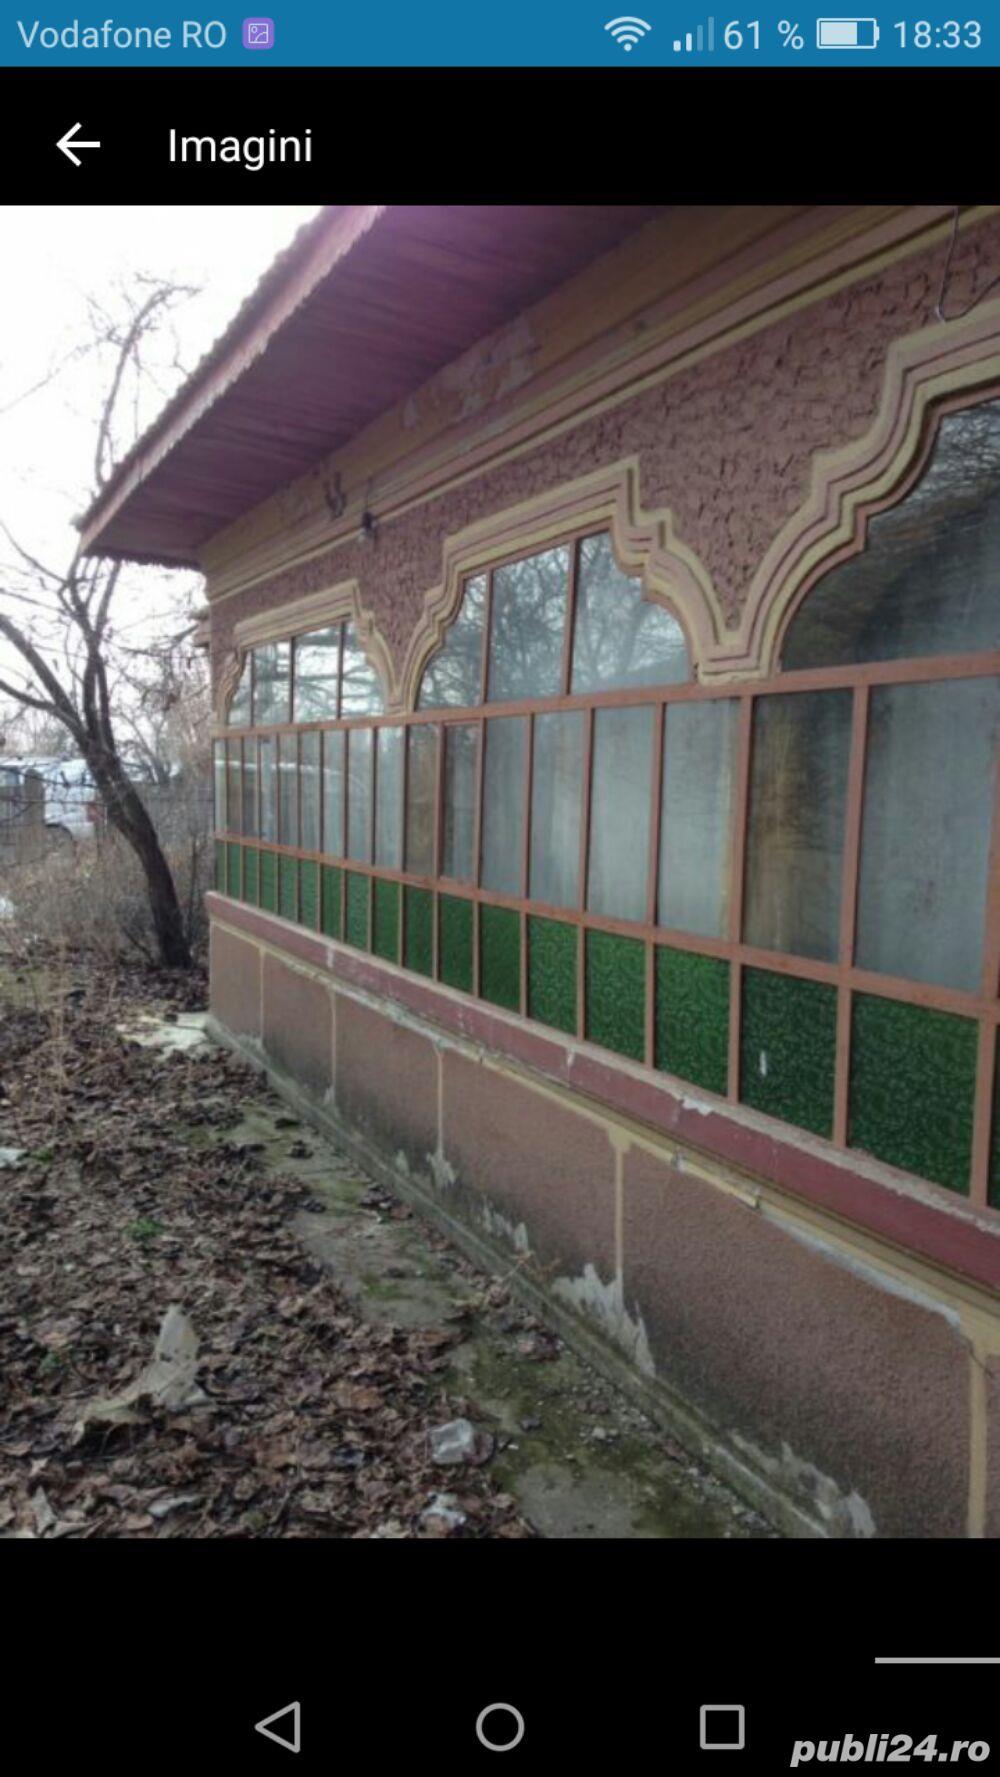 Vand casa in comuna Valea Dragului sat Ciocoveni la 30 de km de Bucuresti